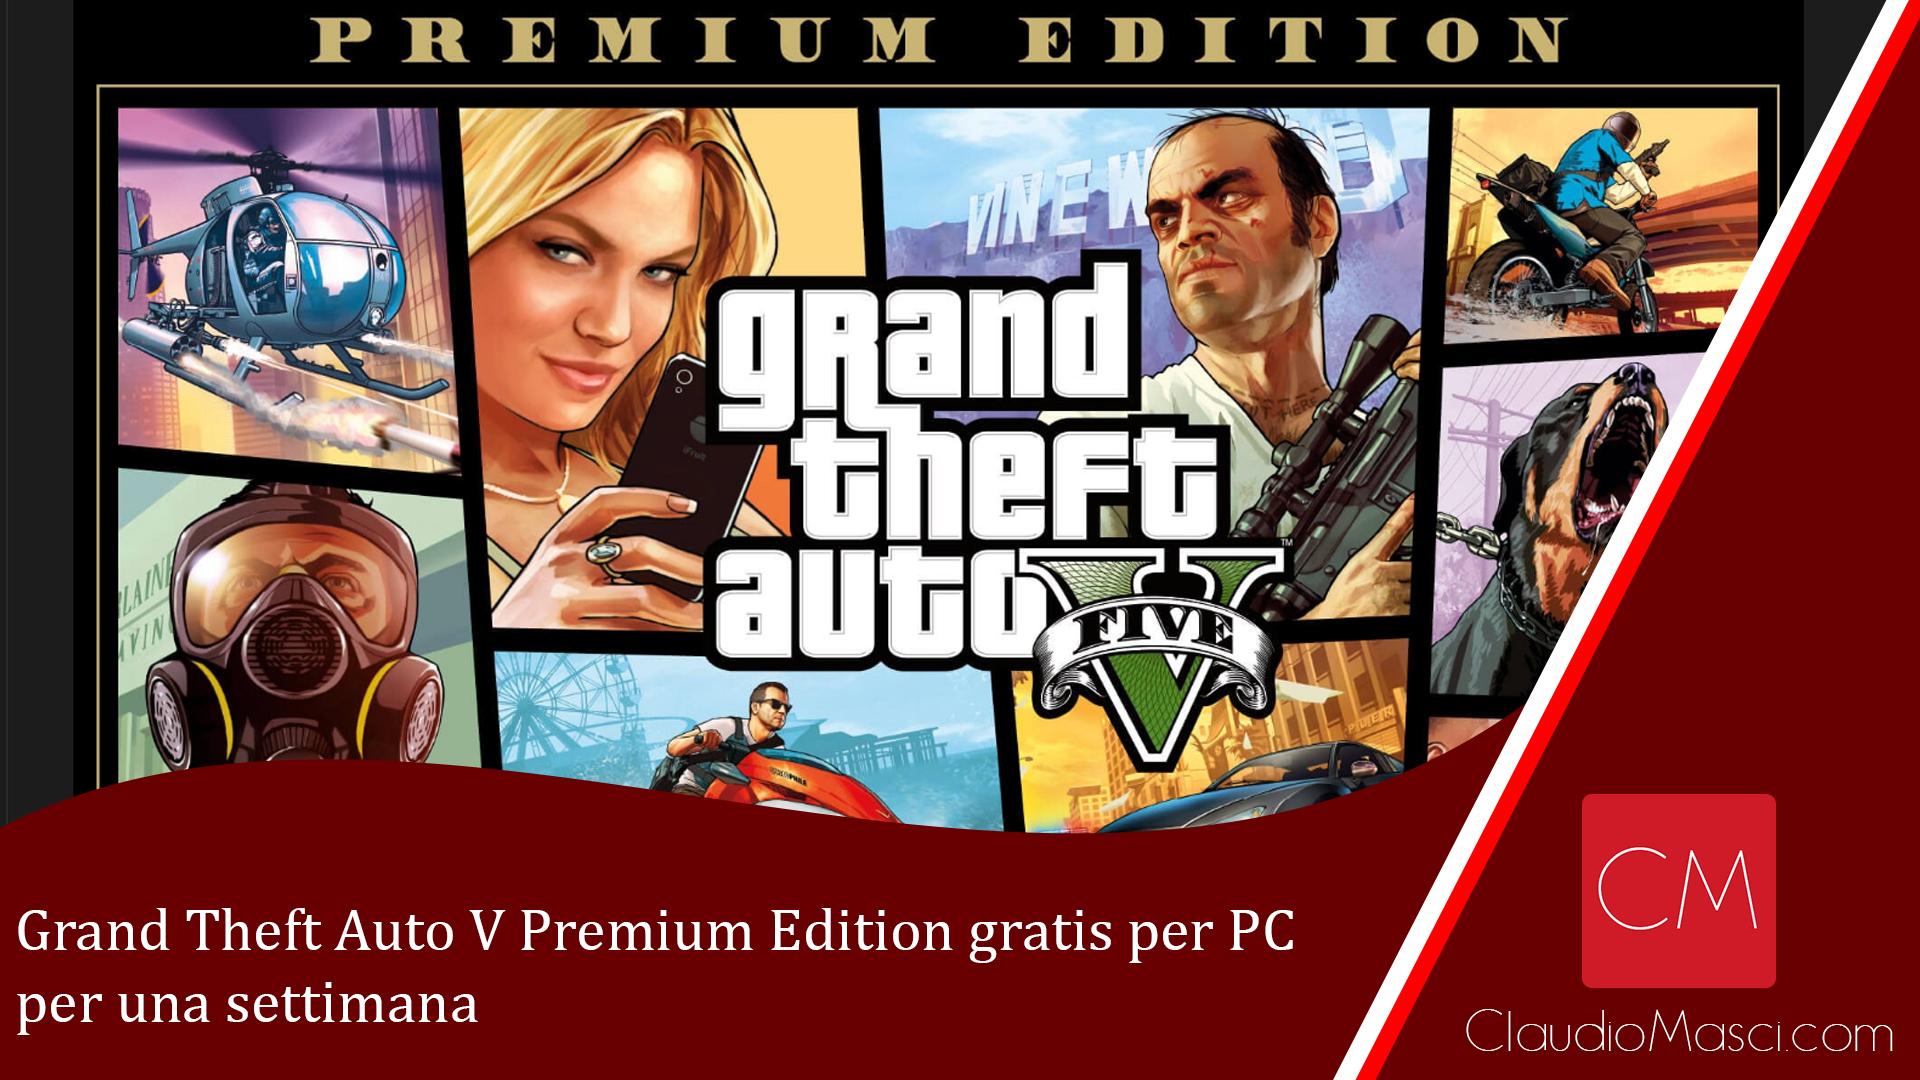 Grand Theft Auto V Premium Edition gratis per PC per una settimana